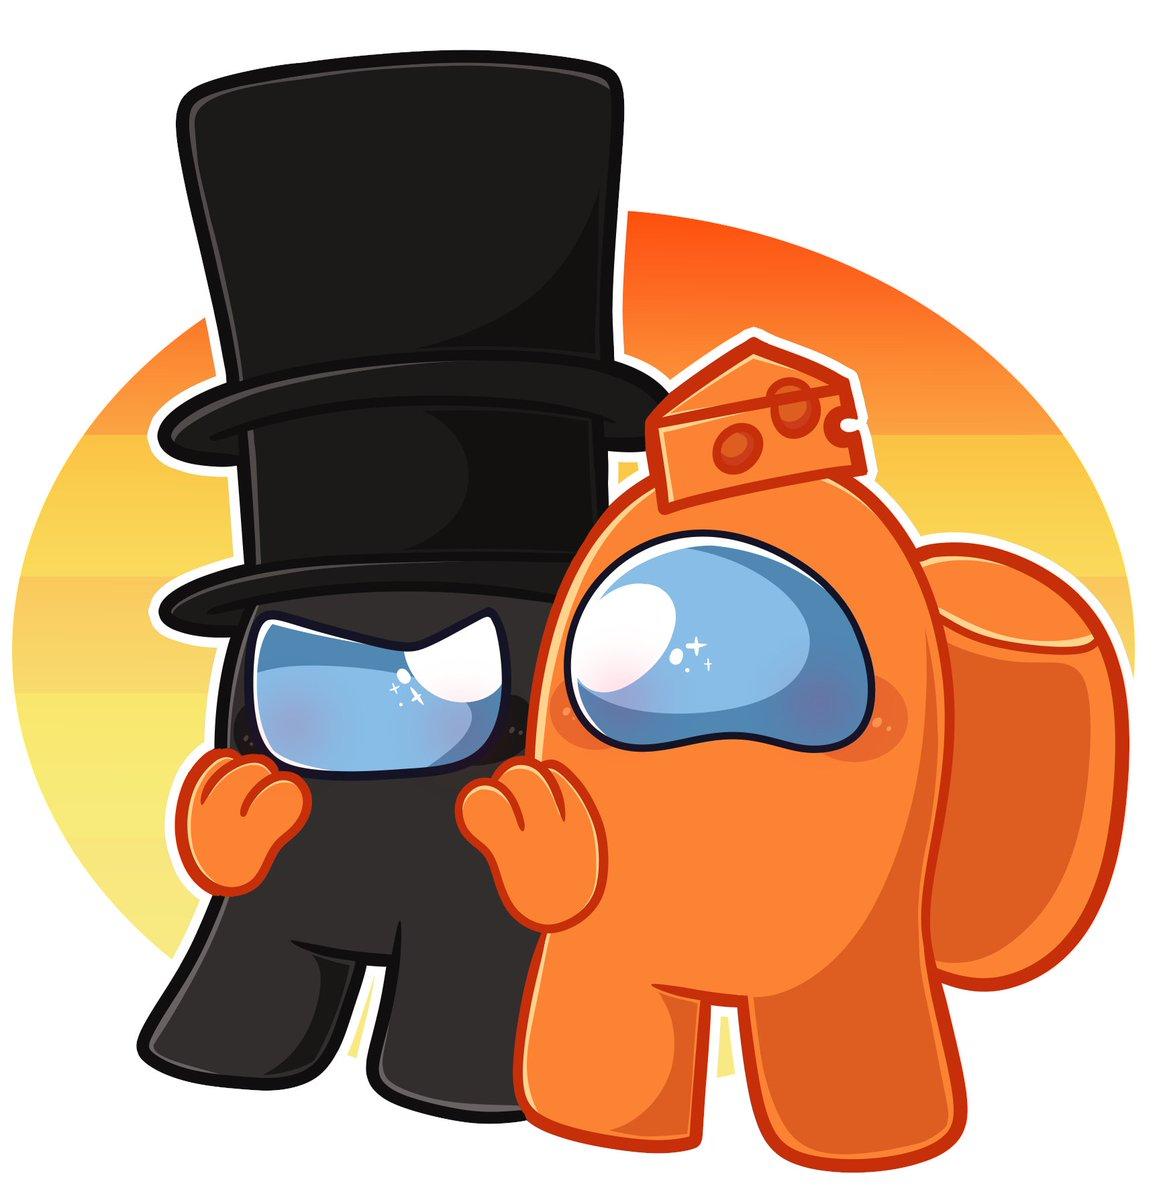 Saver On Twitter I Love These Two Amonguslogic Amongus Gametoons Thegentleman Mrcheese Amongusfanart Amongusgame